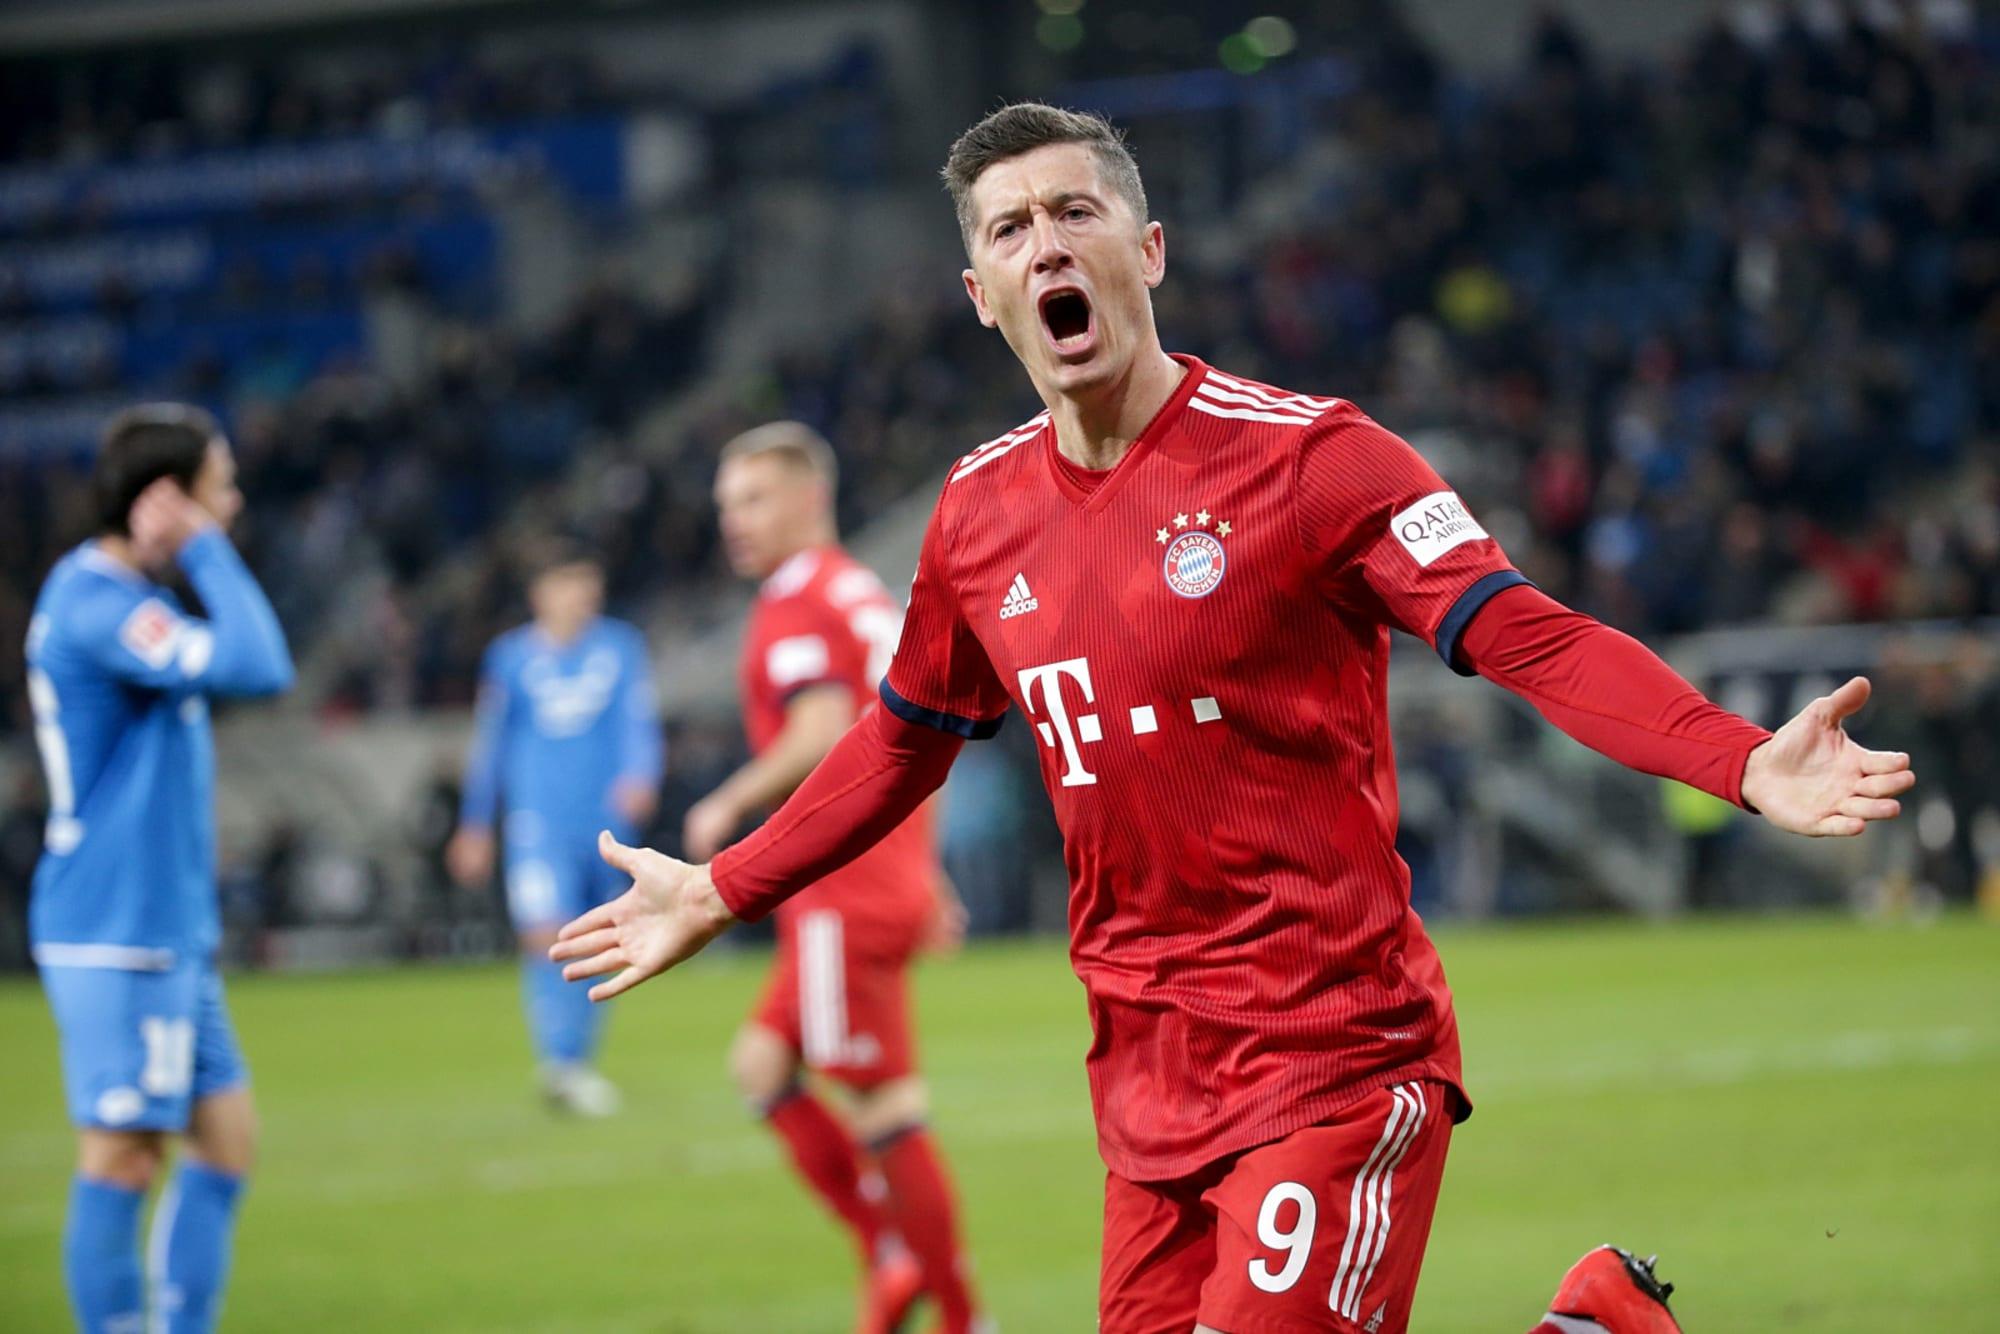 Fußball Bayern Wolfsburg Live Stream